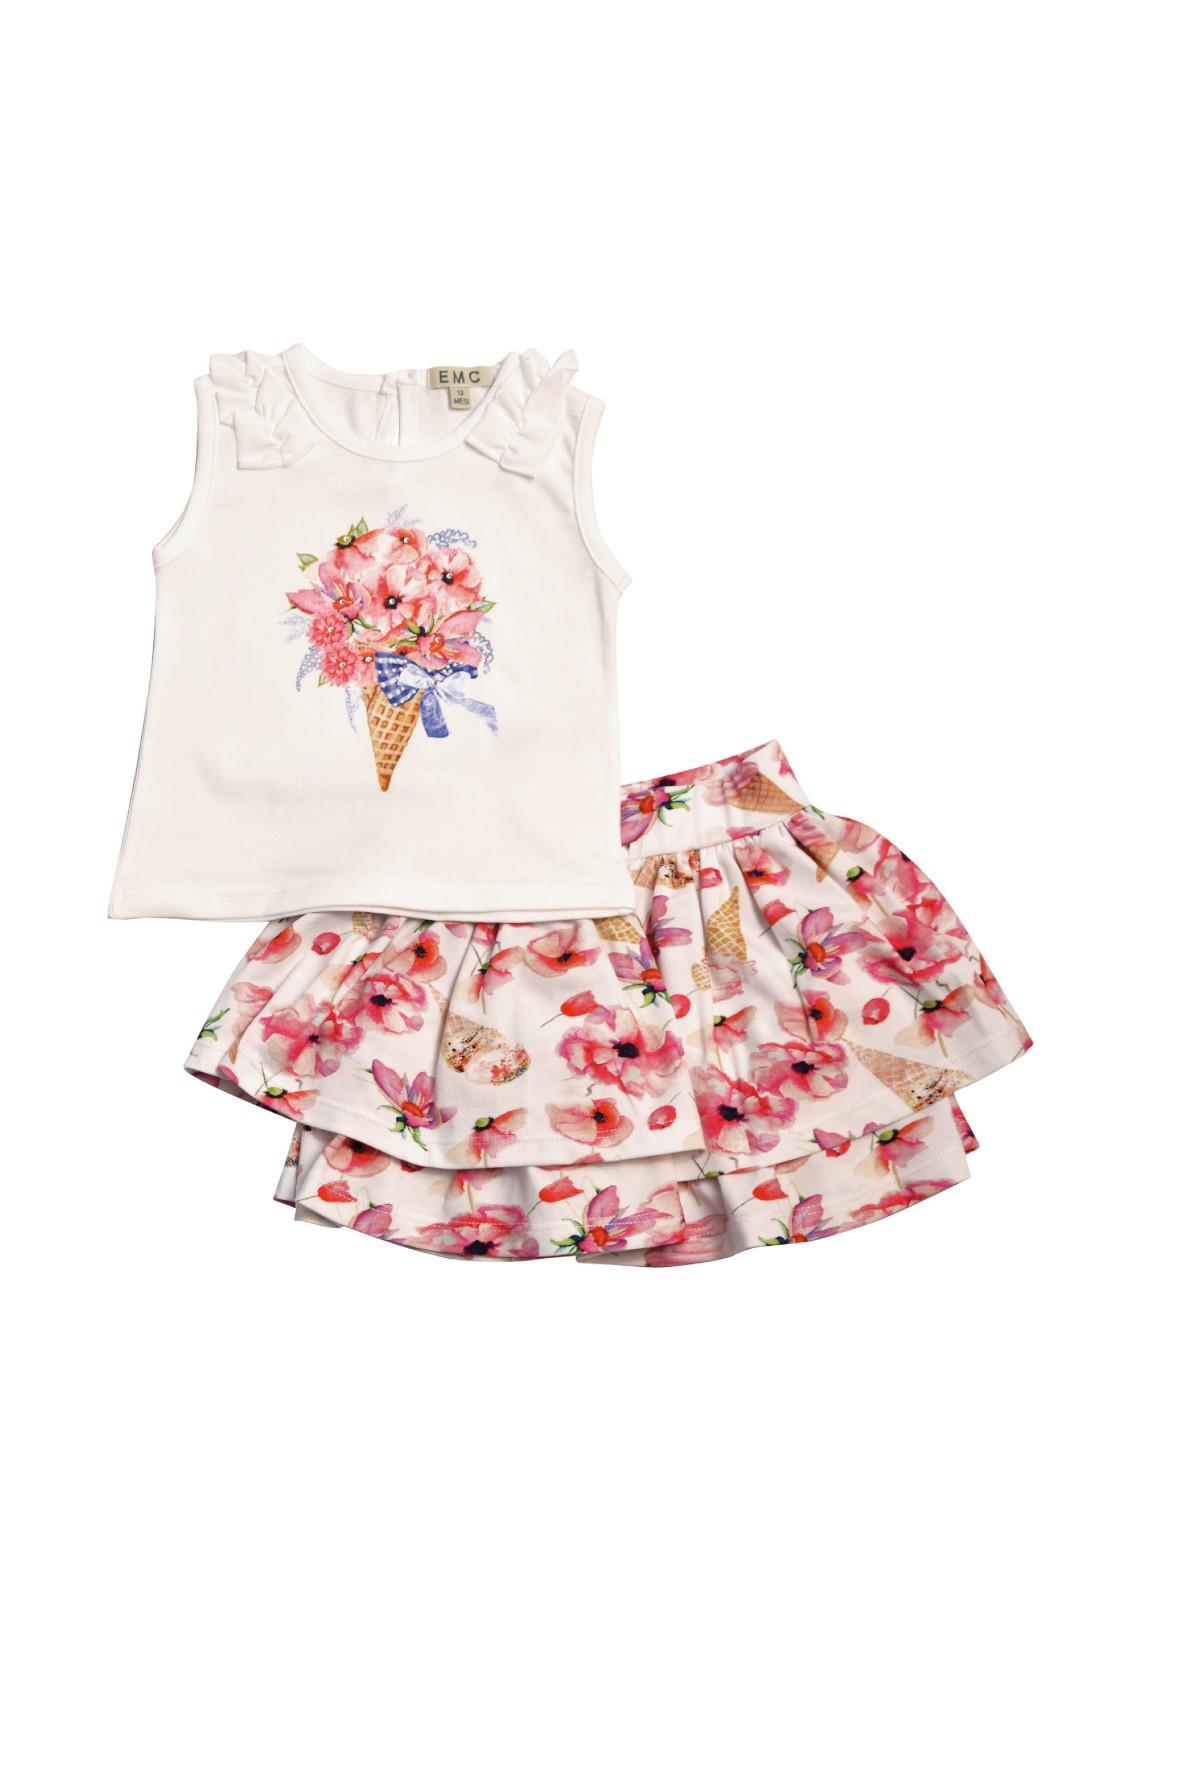 Komplet dziewczęcy koszulka + spódniczka